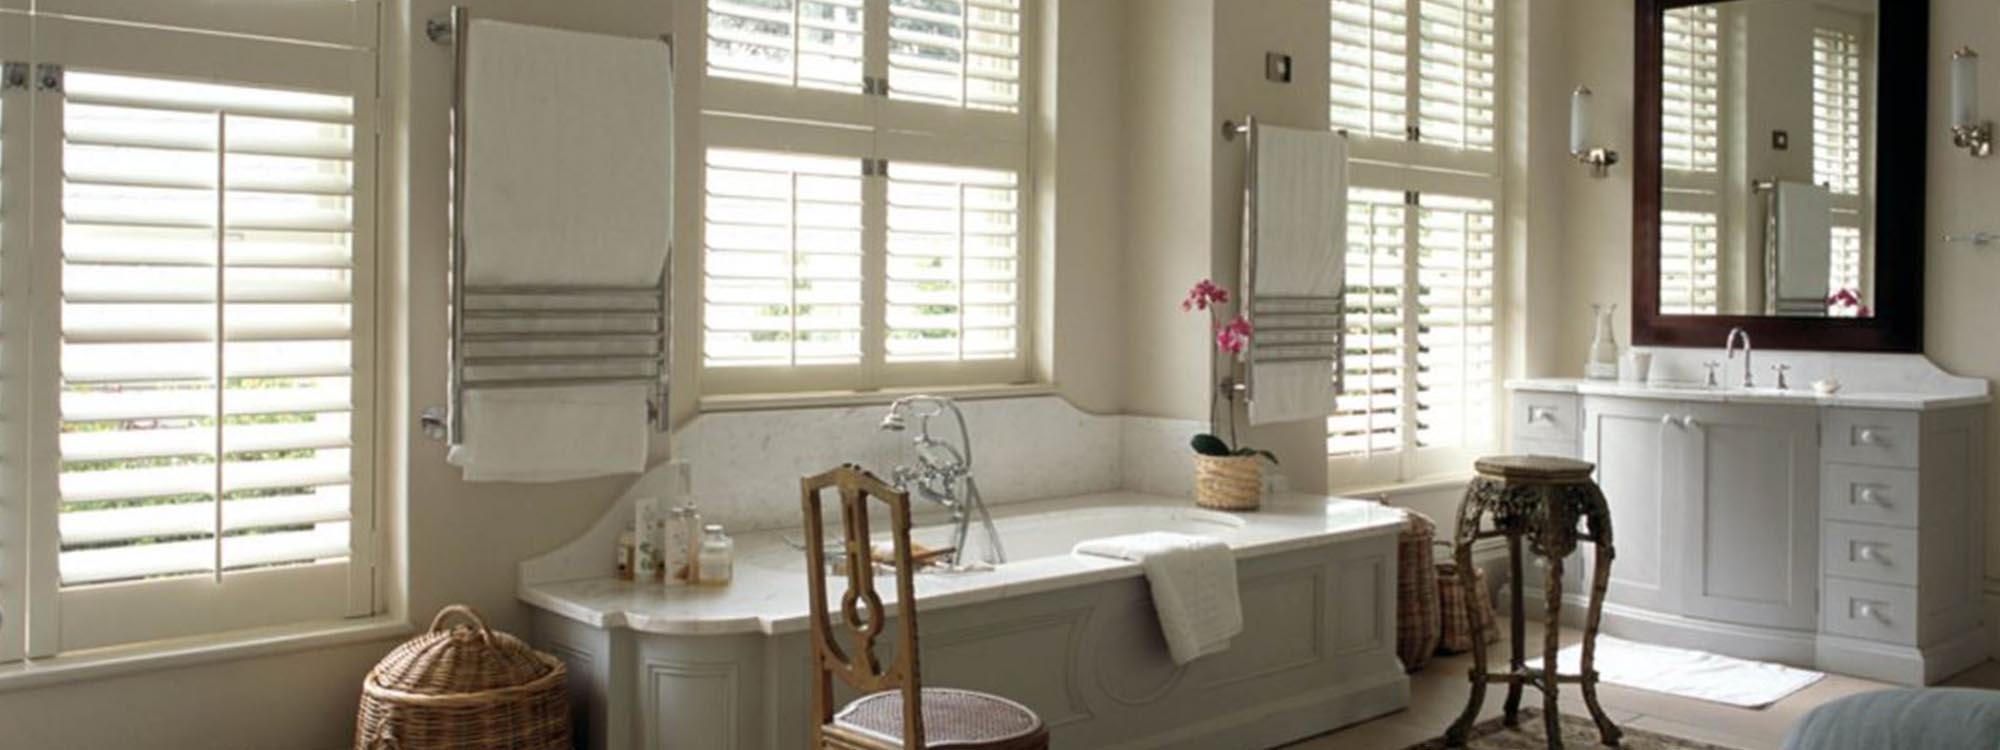 Normandy-shutters-bathroom-bathtub